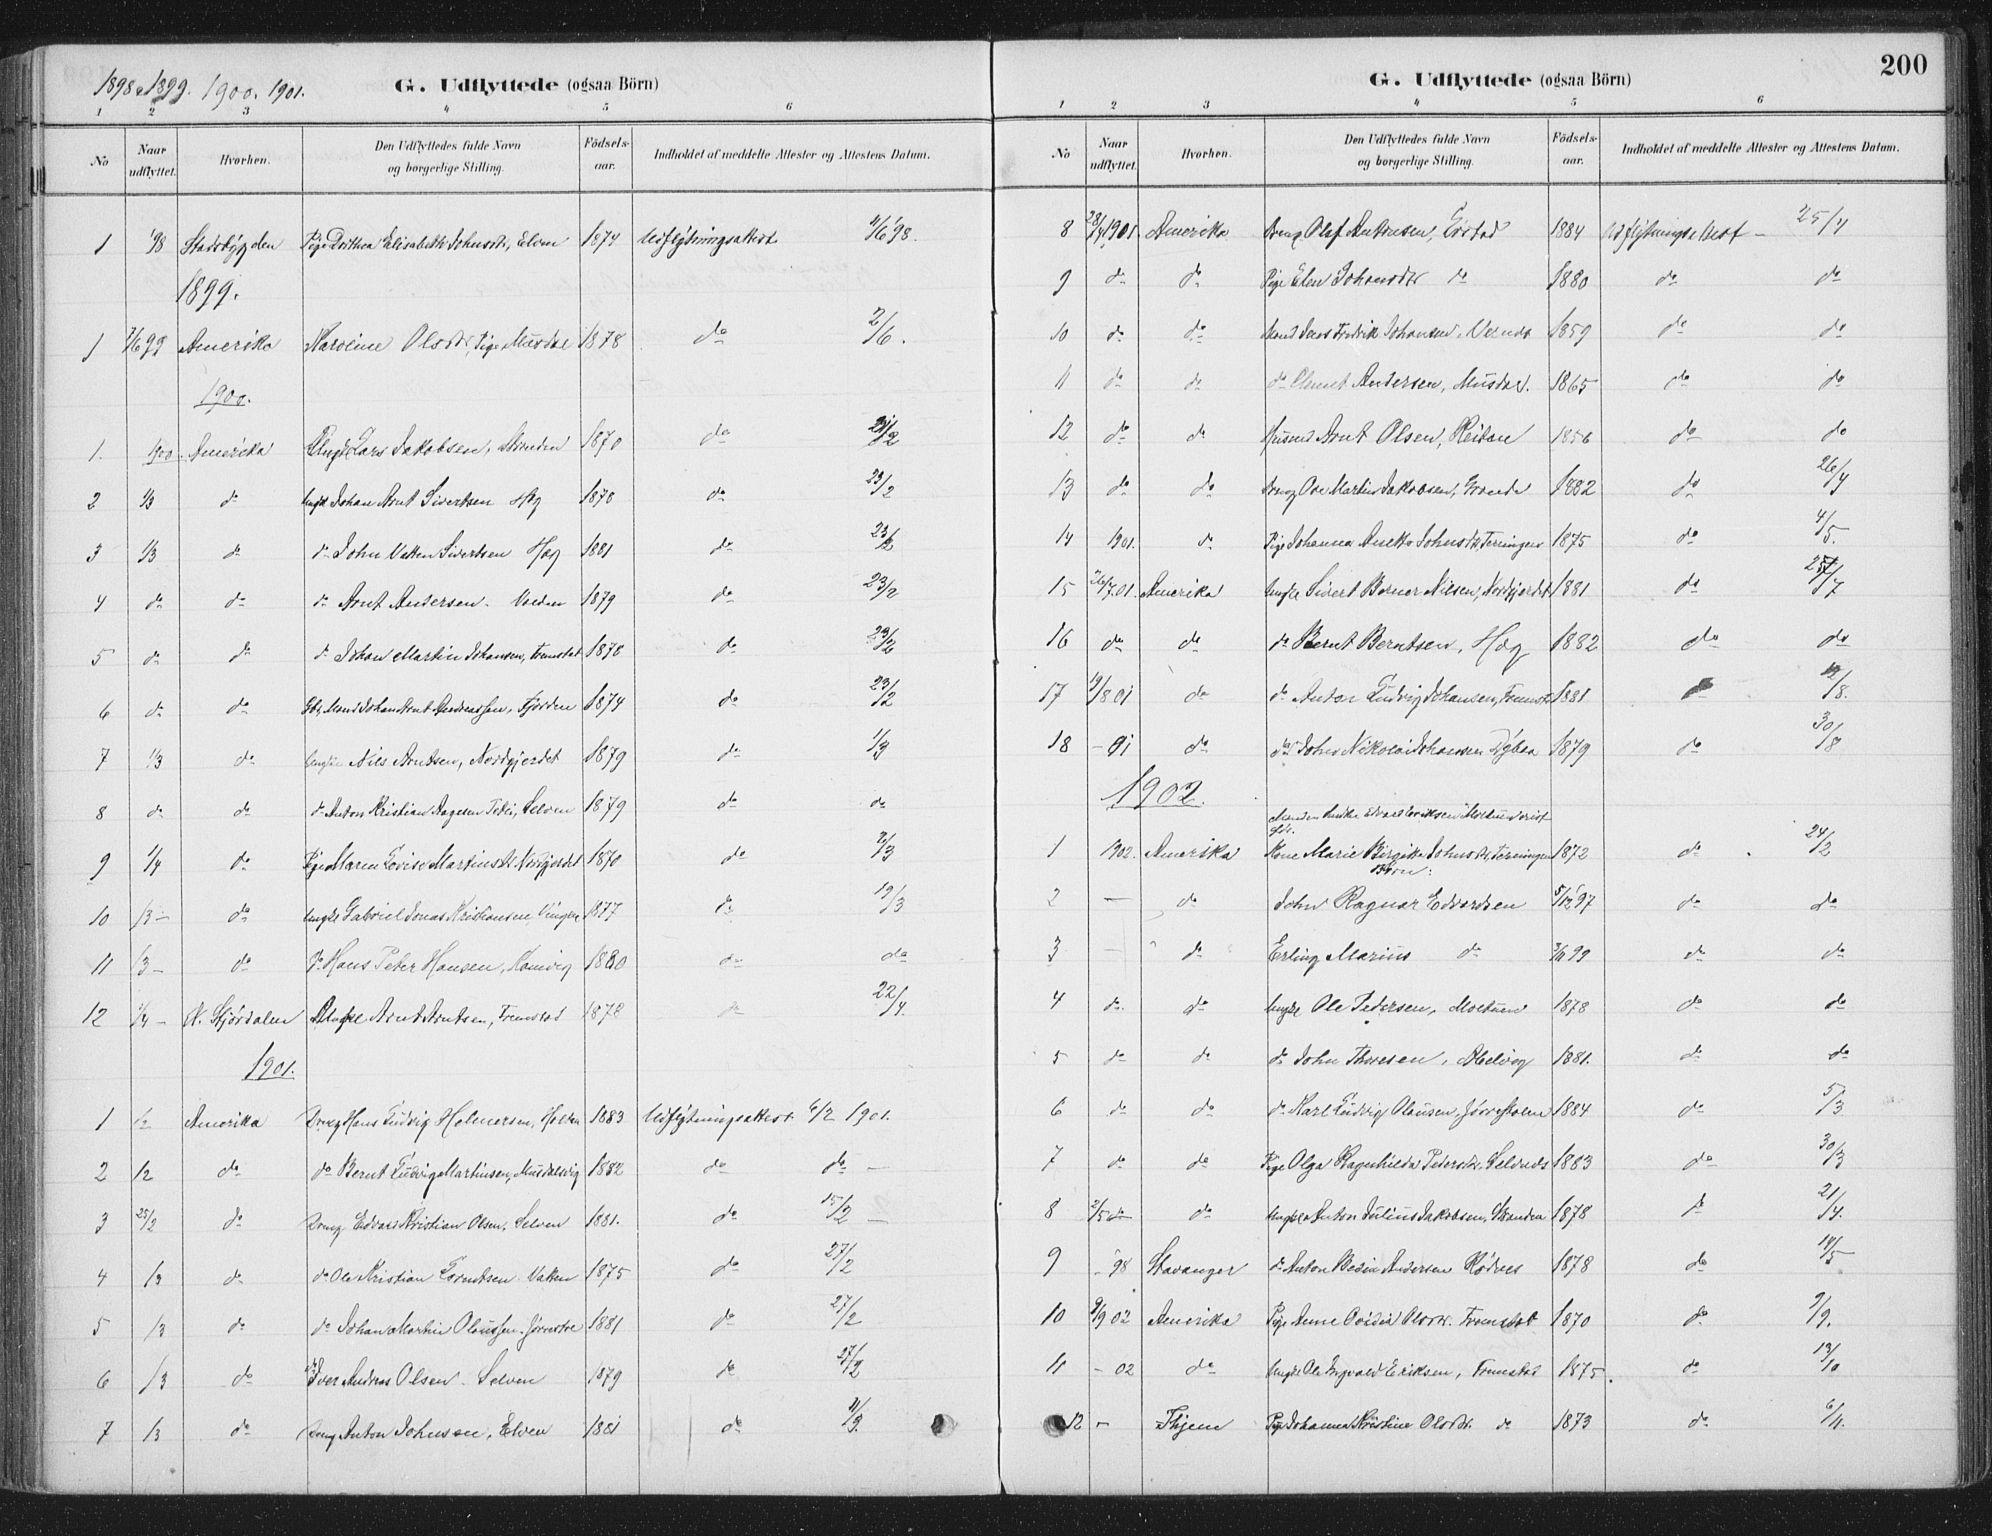 SAT, Ministerialprotokoller, klokkerbøker og fødselsregistre - Sør-Trøndelag, 662/L0755: Ministerialbok nr. 662A01, 1879-1905, s. 200